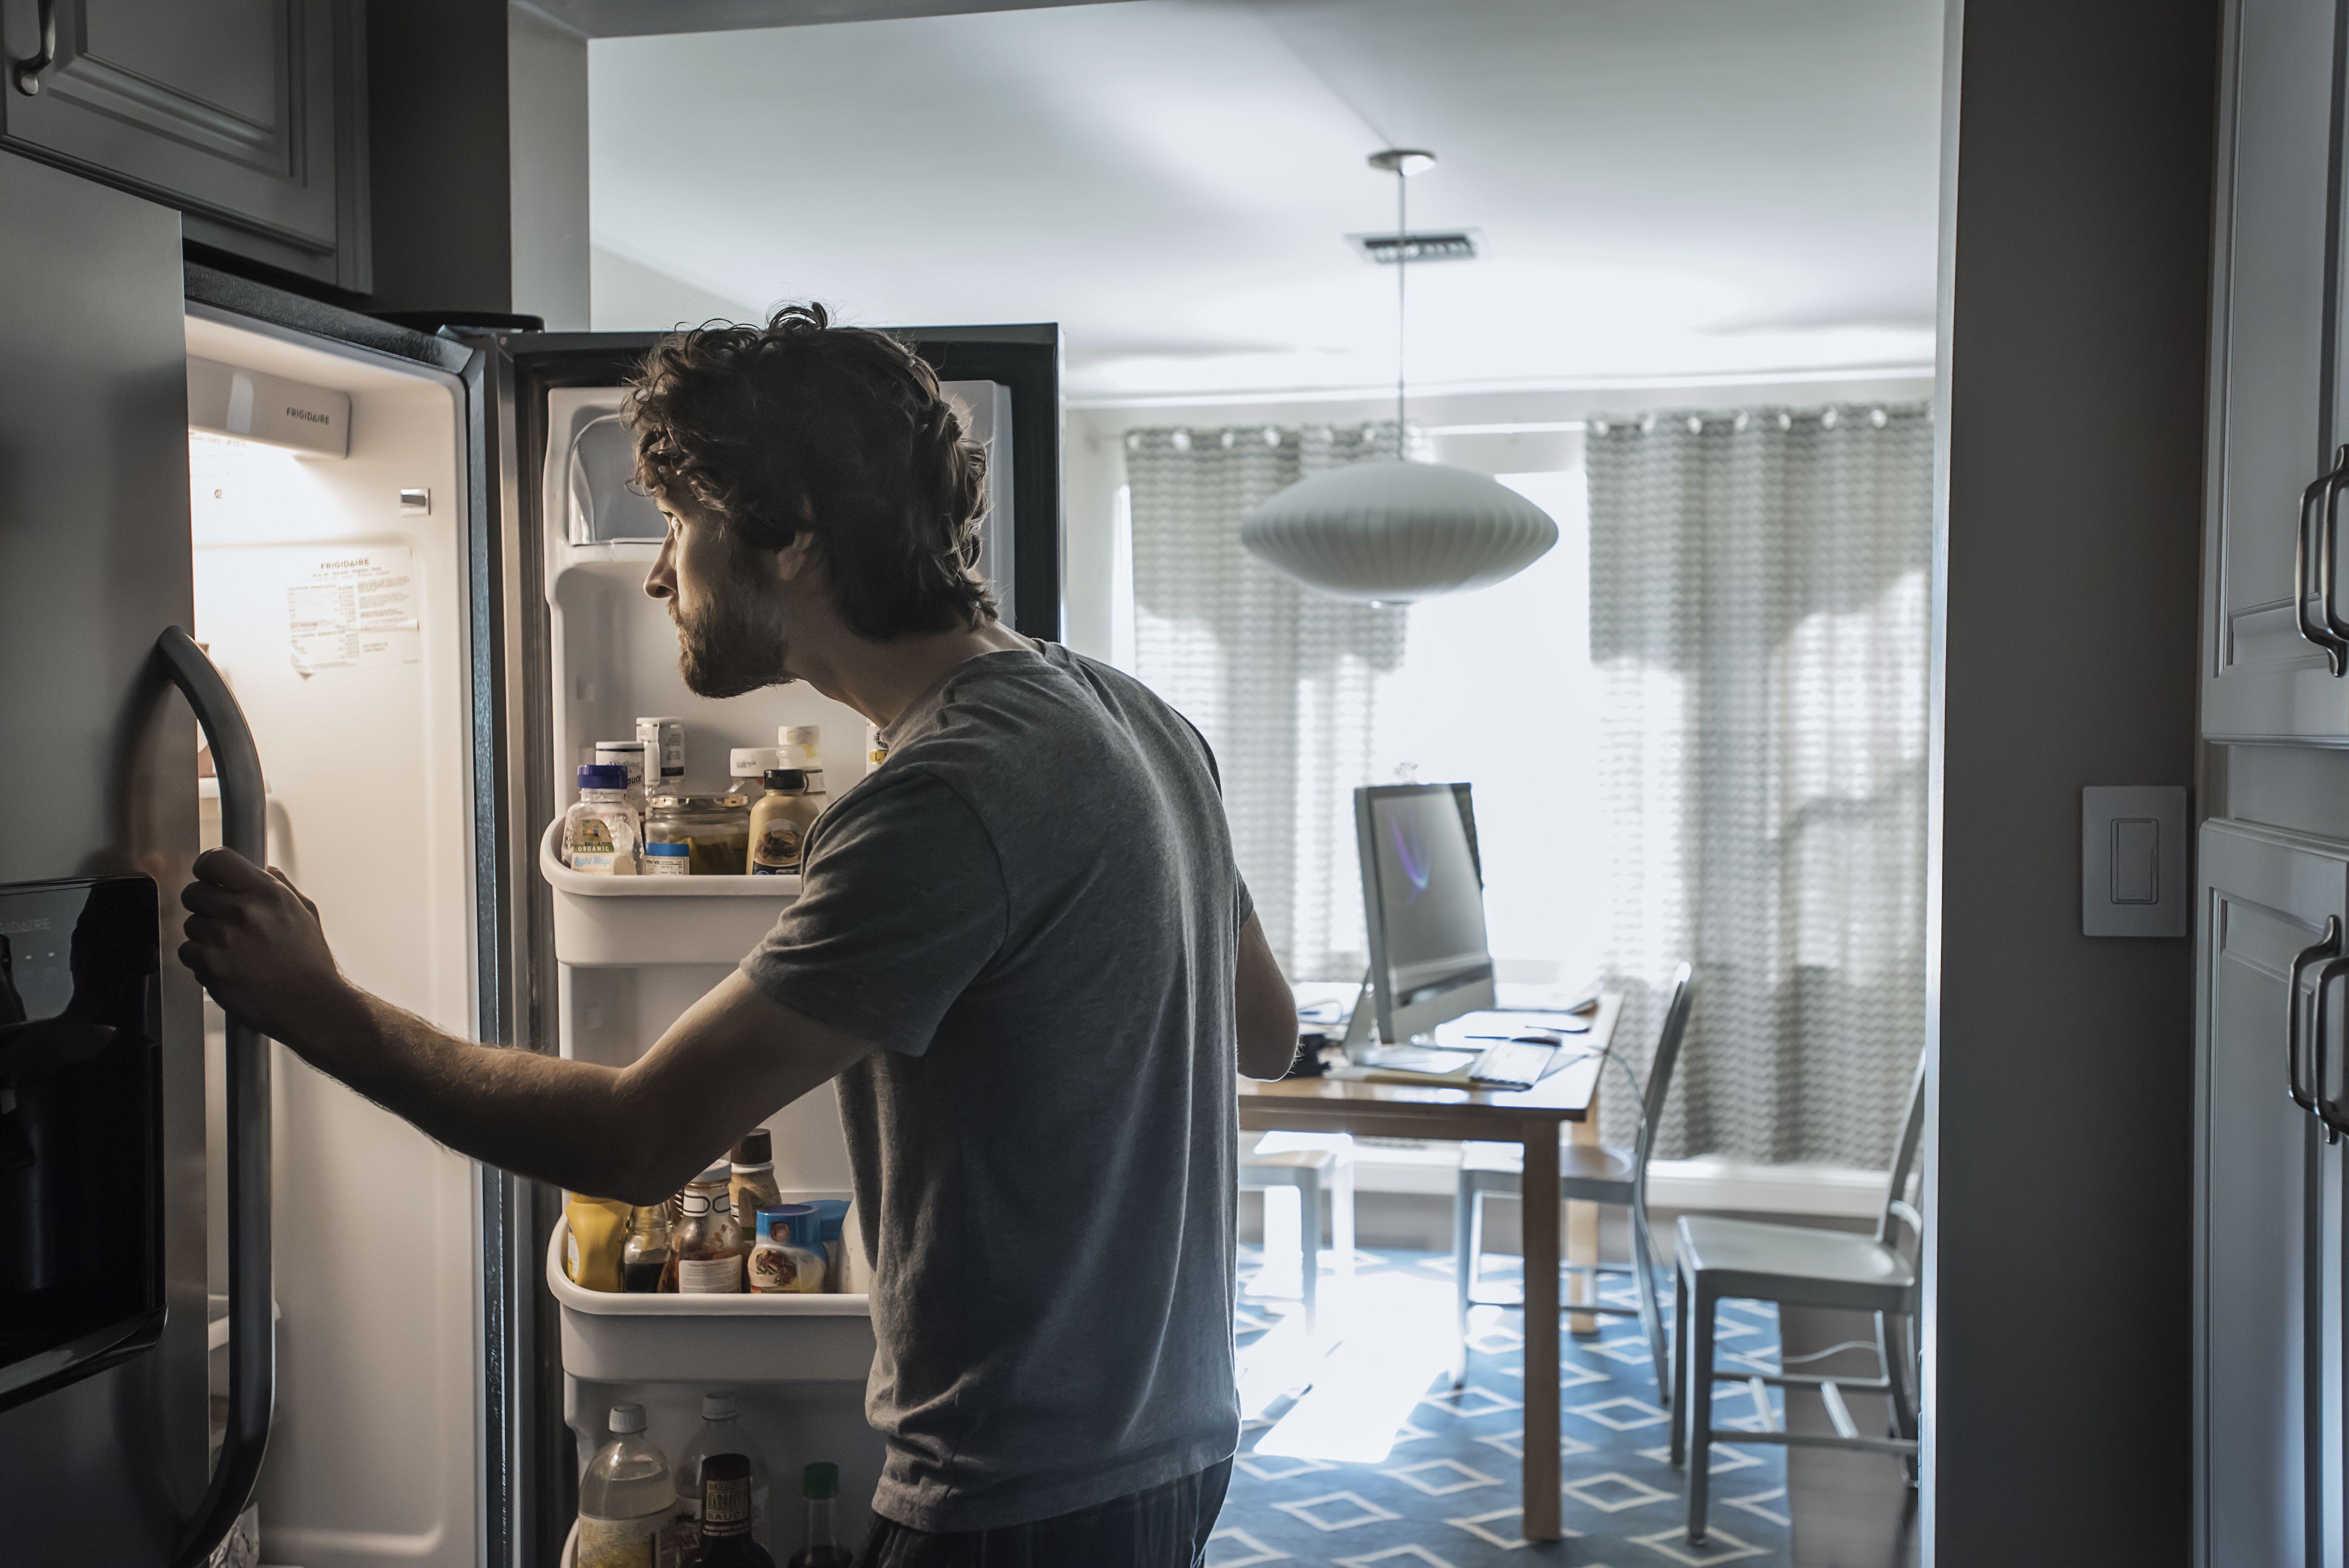 Man checks refrigerator